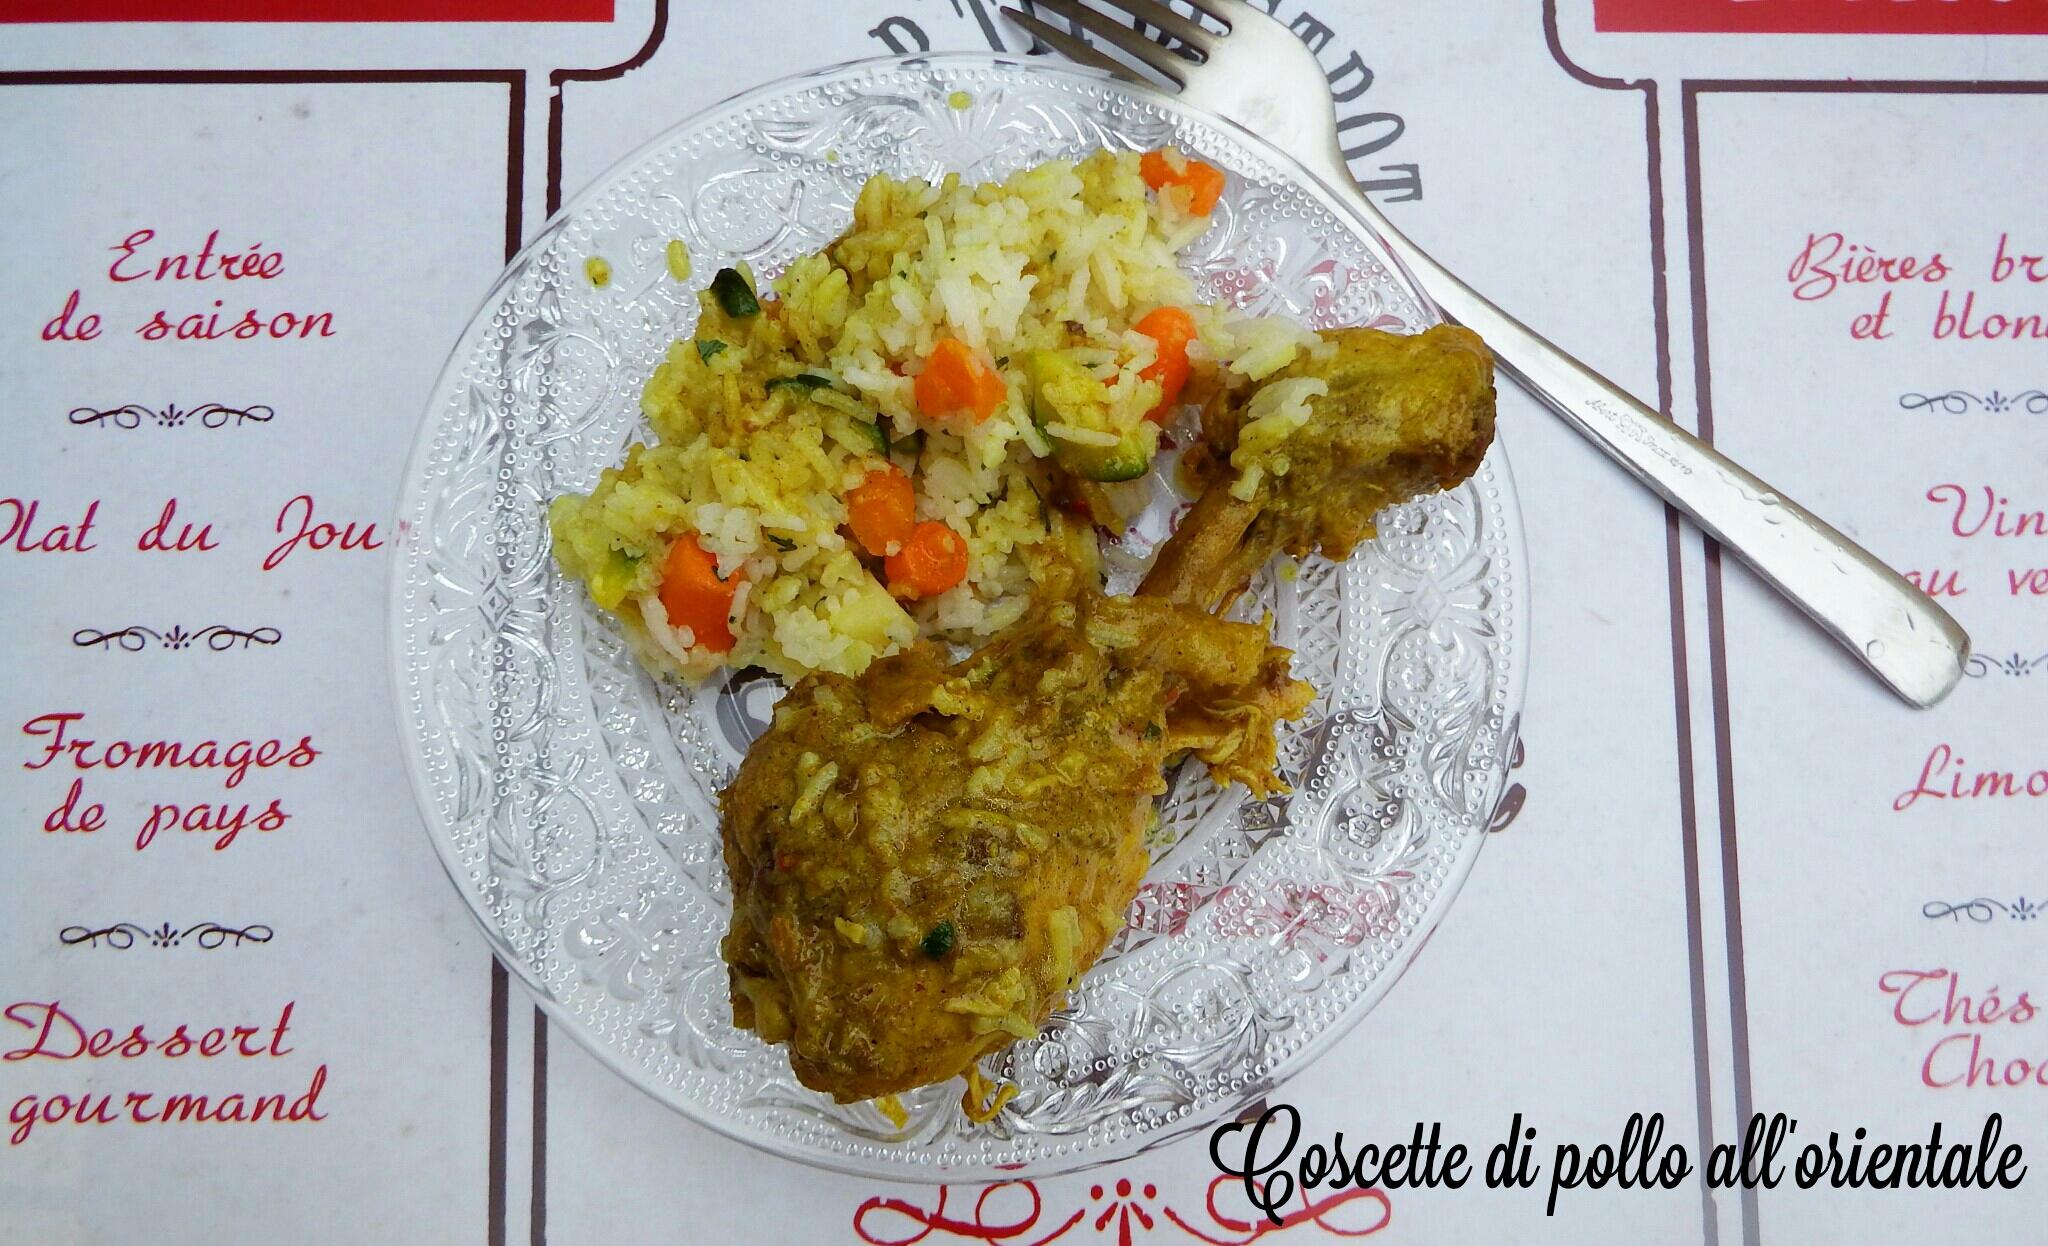 Coscette di pollo all'orientale